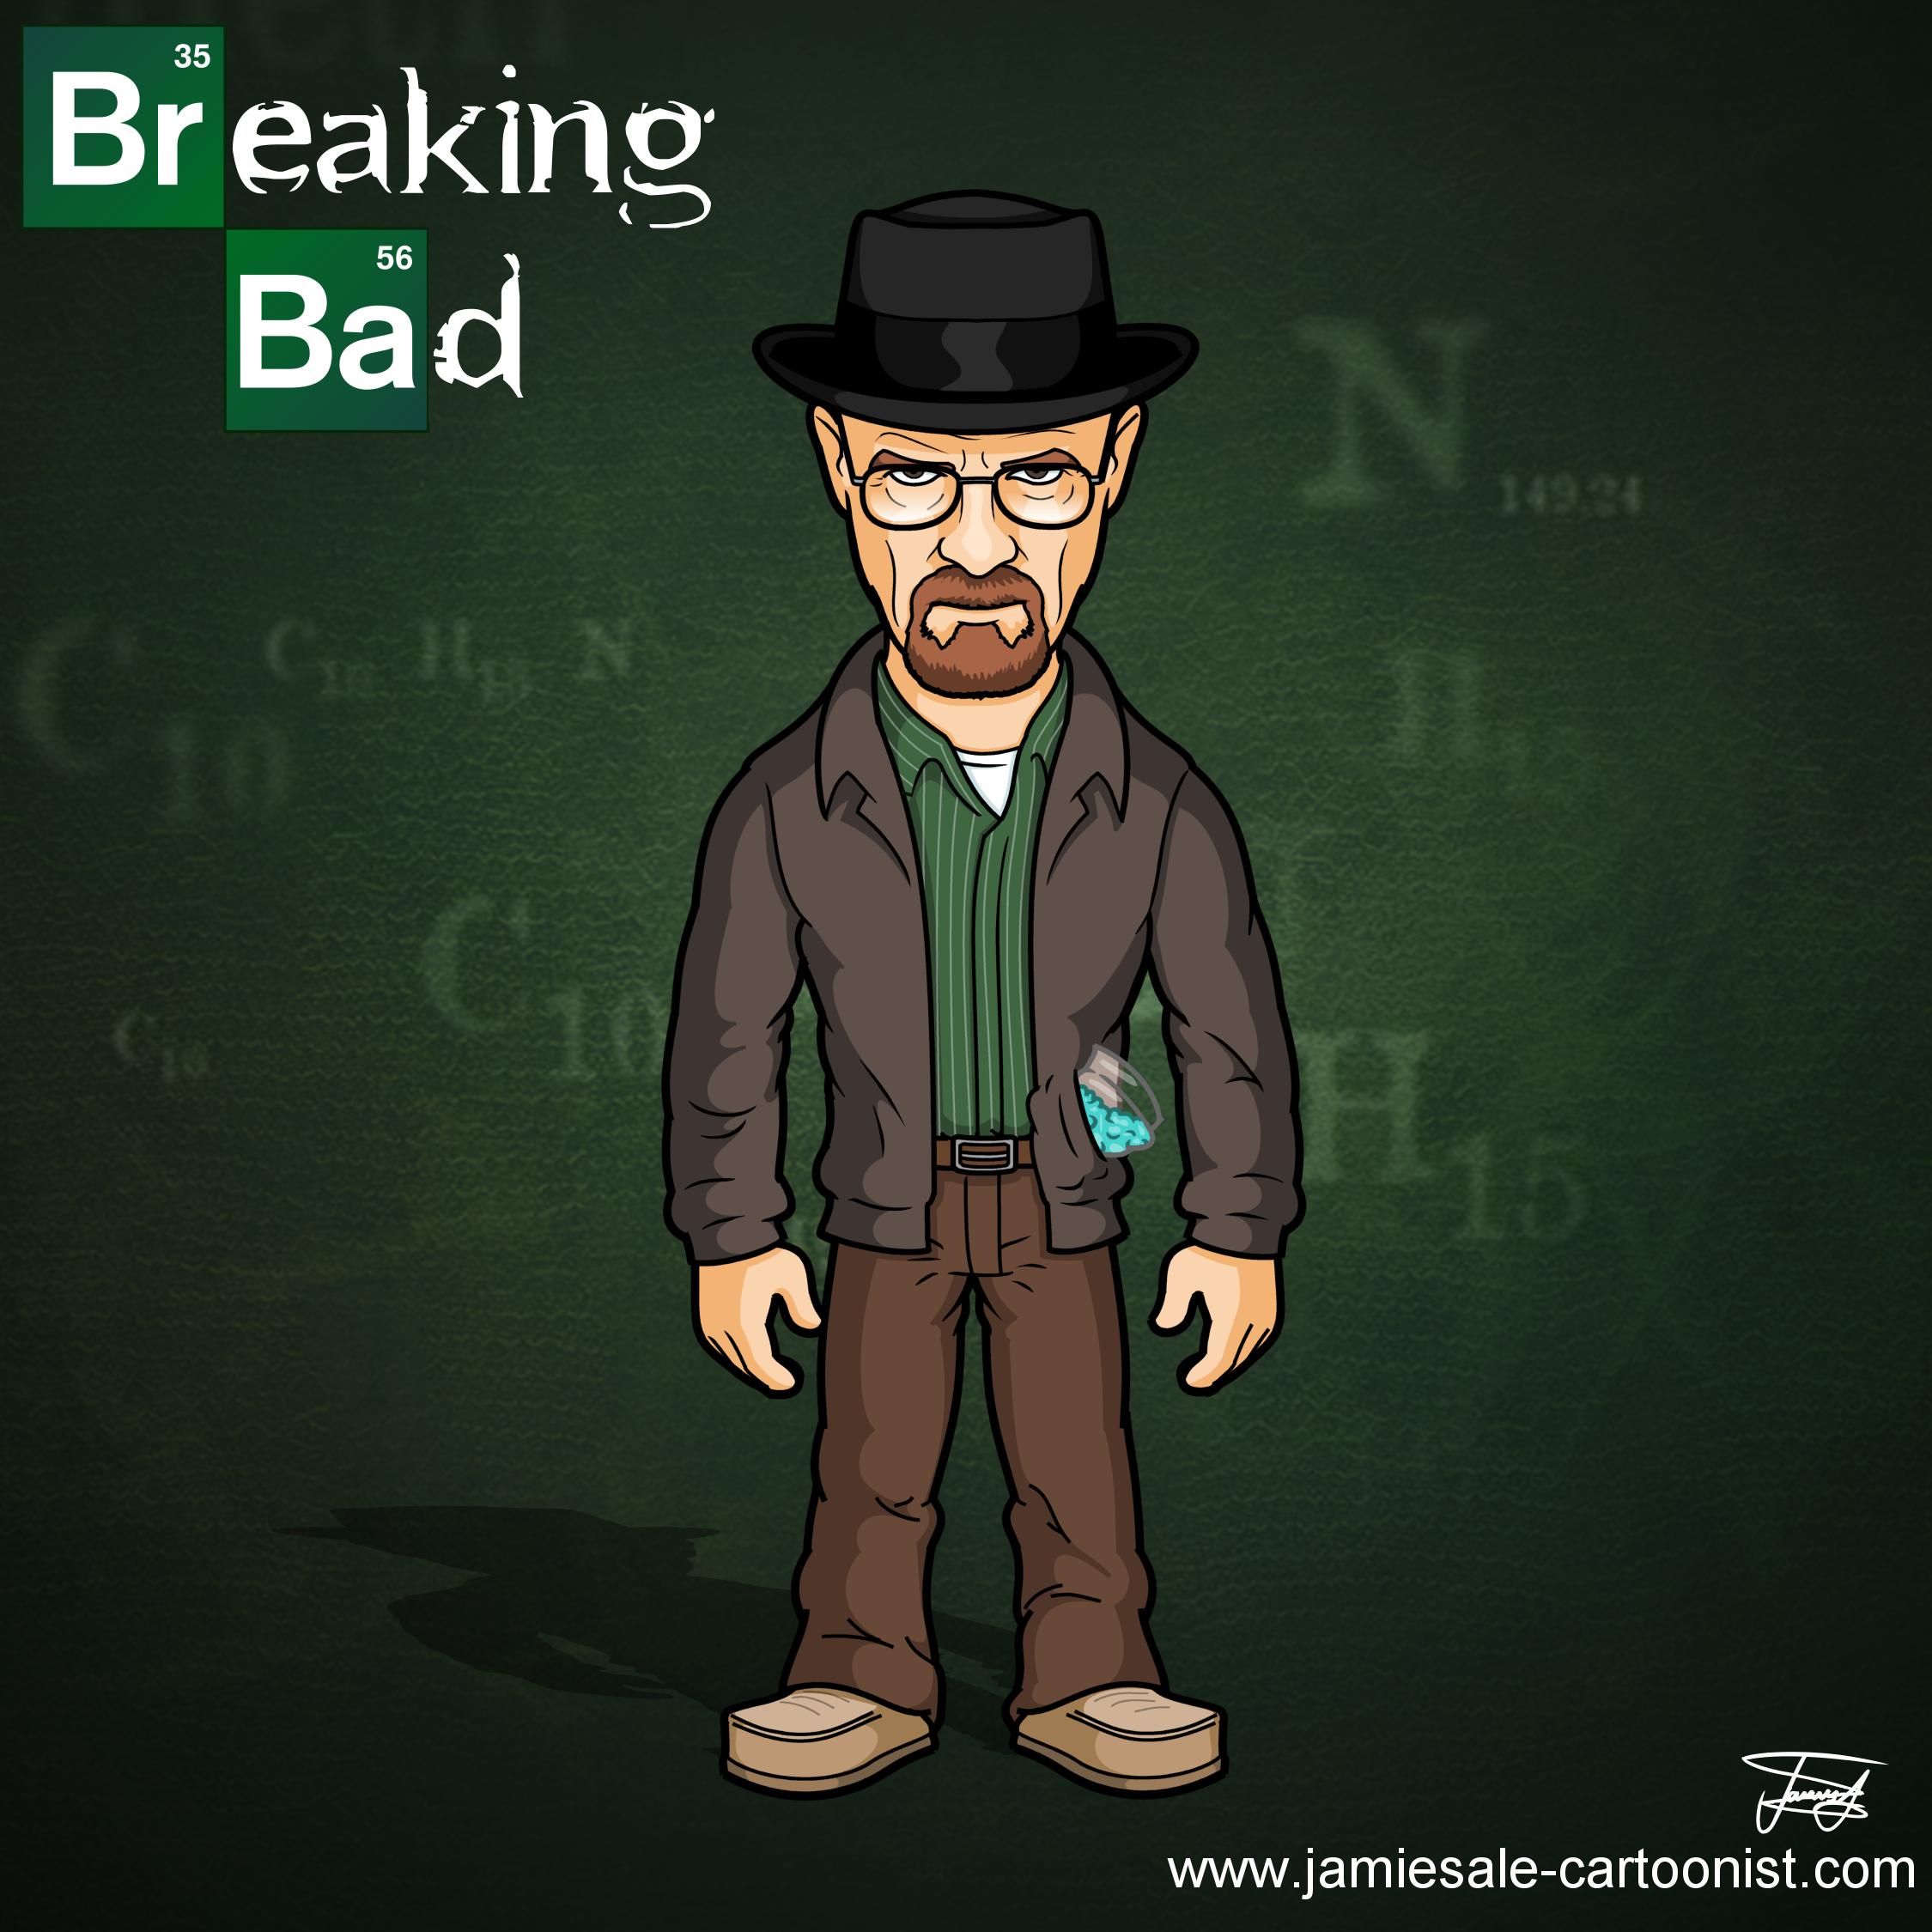 Breaking Bad Cartoon Characters Jamie Sale Cartoonist